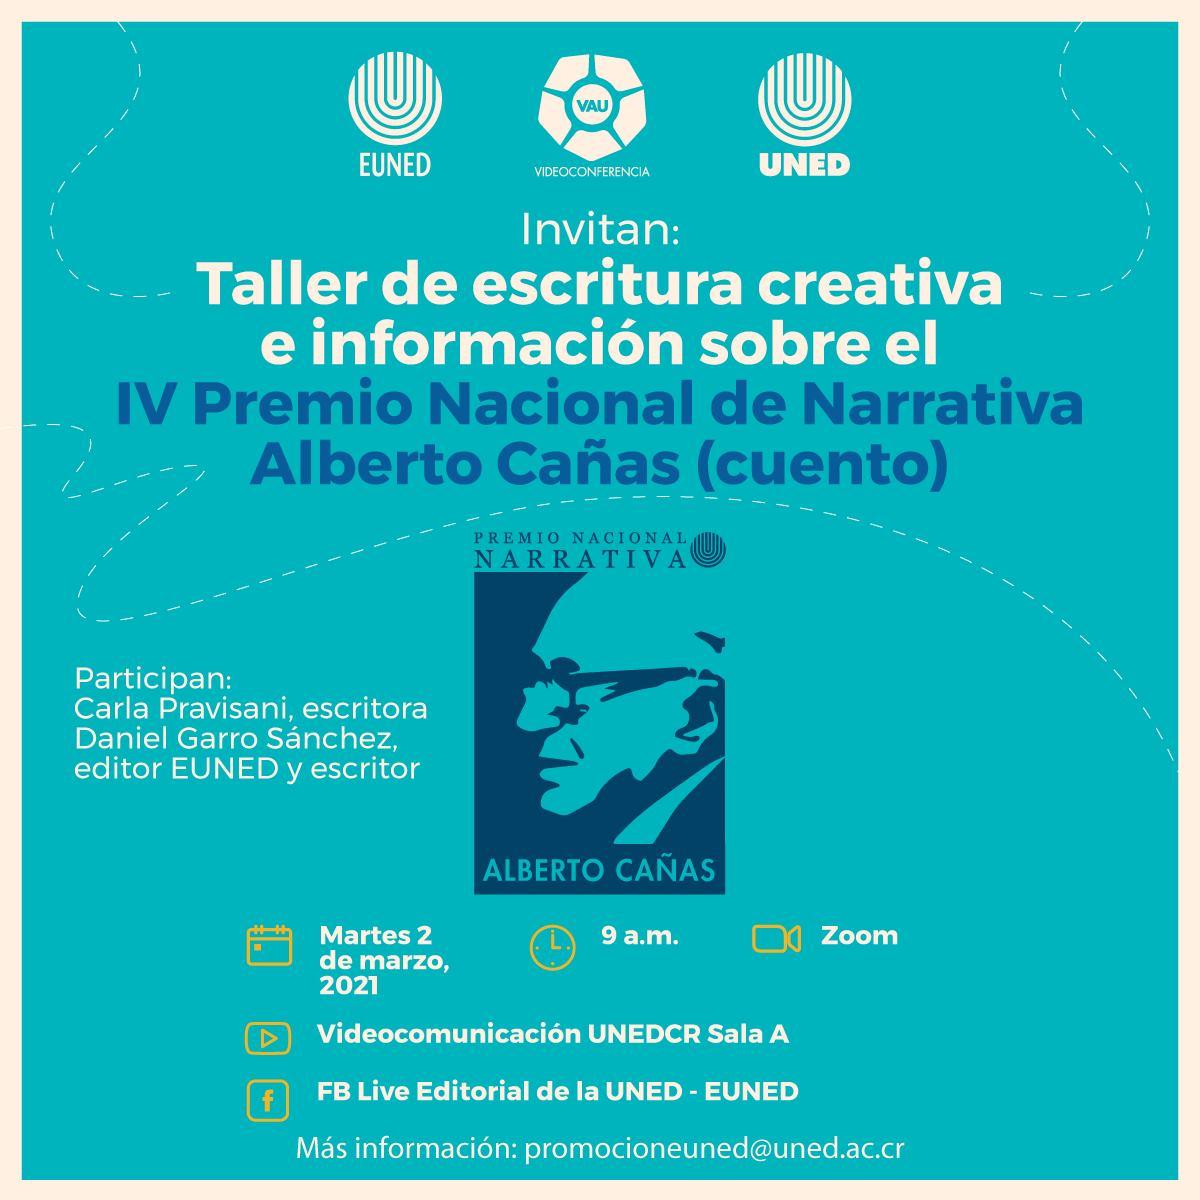 Taller de escritura creativa e información sobre el IV Premio Nacional de Narrativa Alberto Cañas